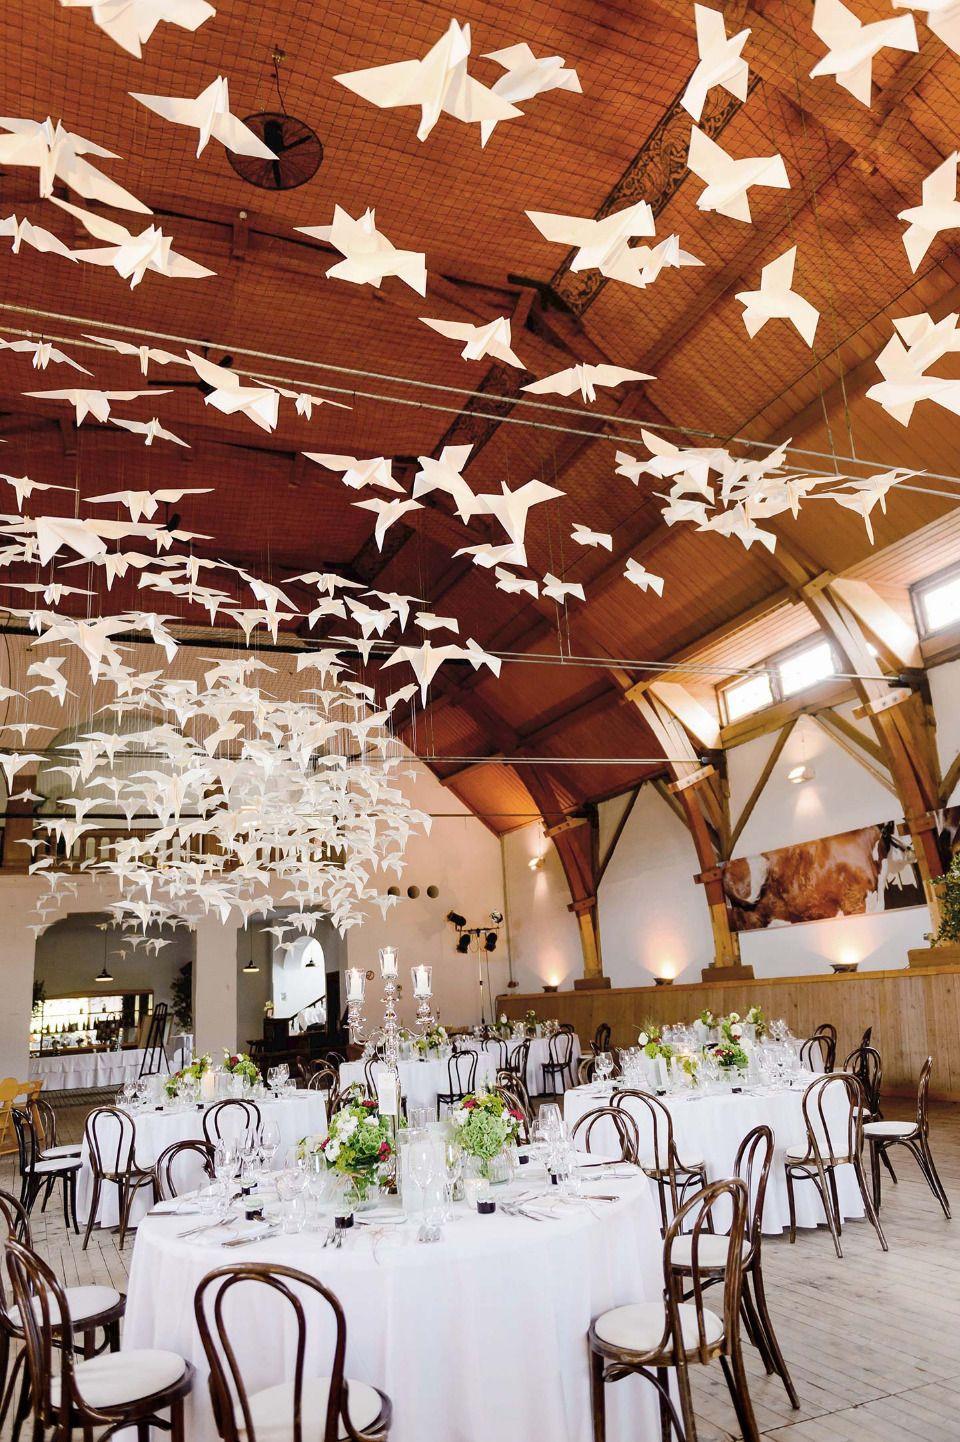 Eine Sommerhochzeit Mit Papier Vogelschwarm Als Besonderes Hochzeitssdetail Hochzeitswahn Sei Inspiriert Hochzeitsdetails Origami Hochzeit Und Hochzeit Deko